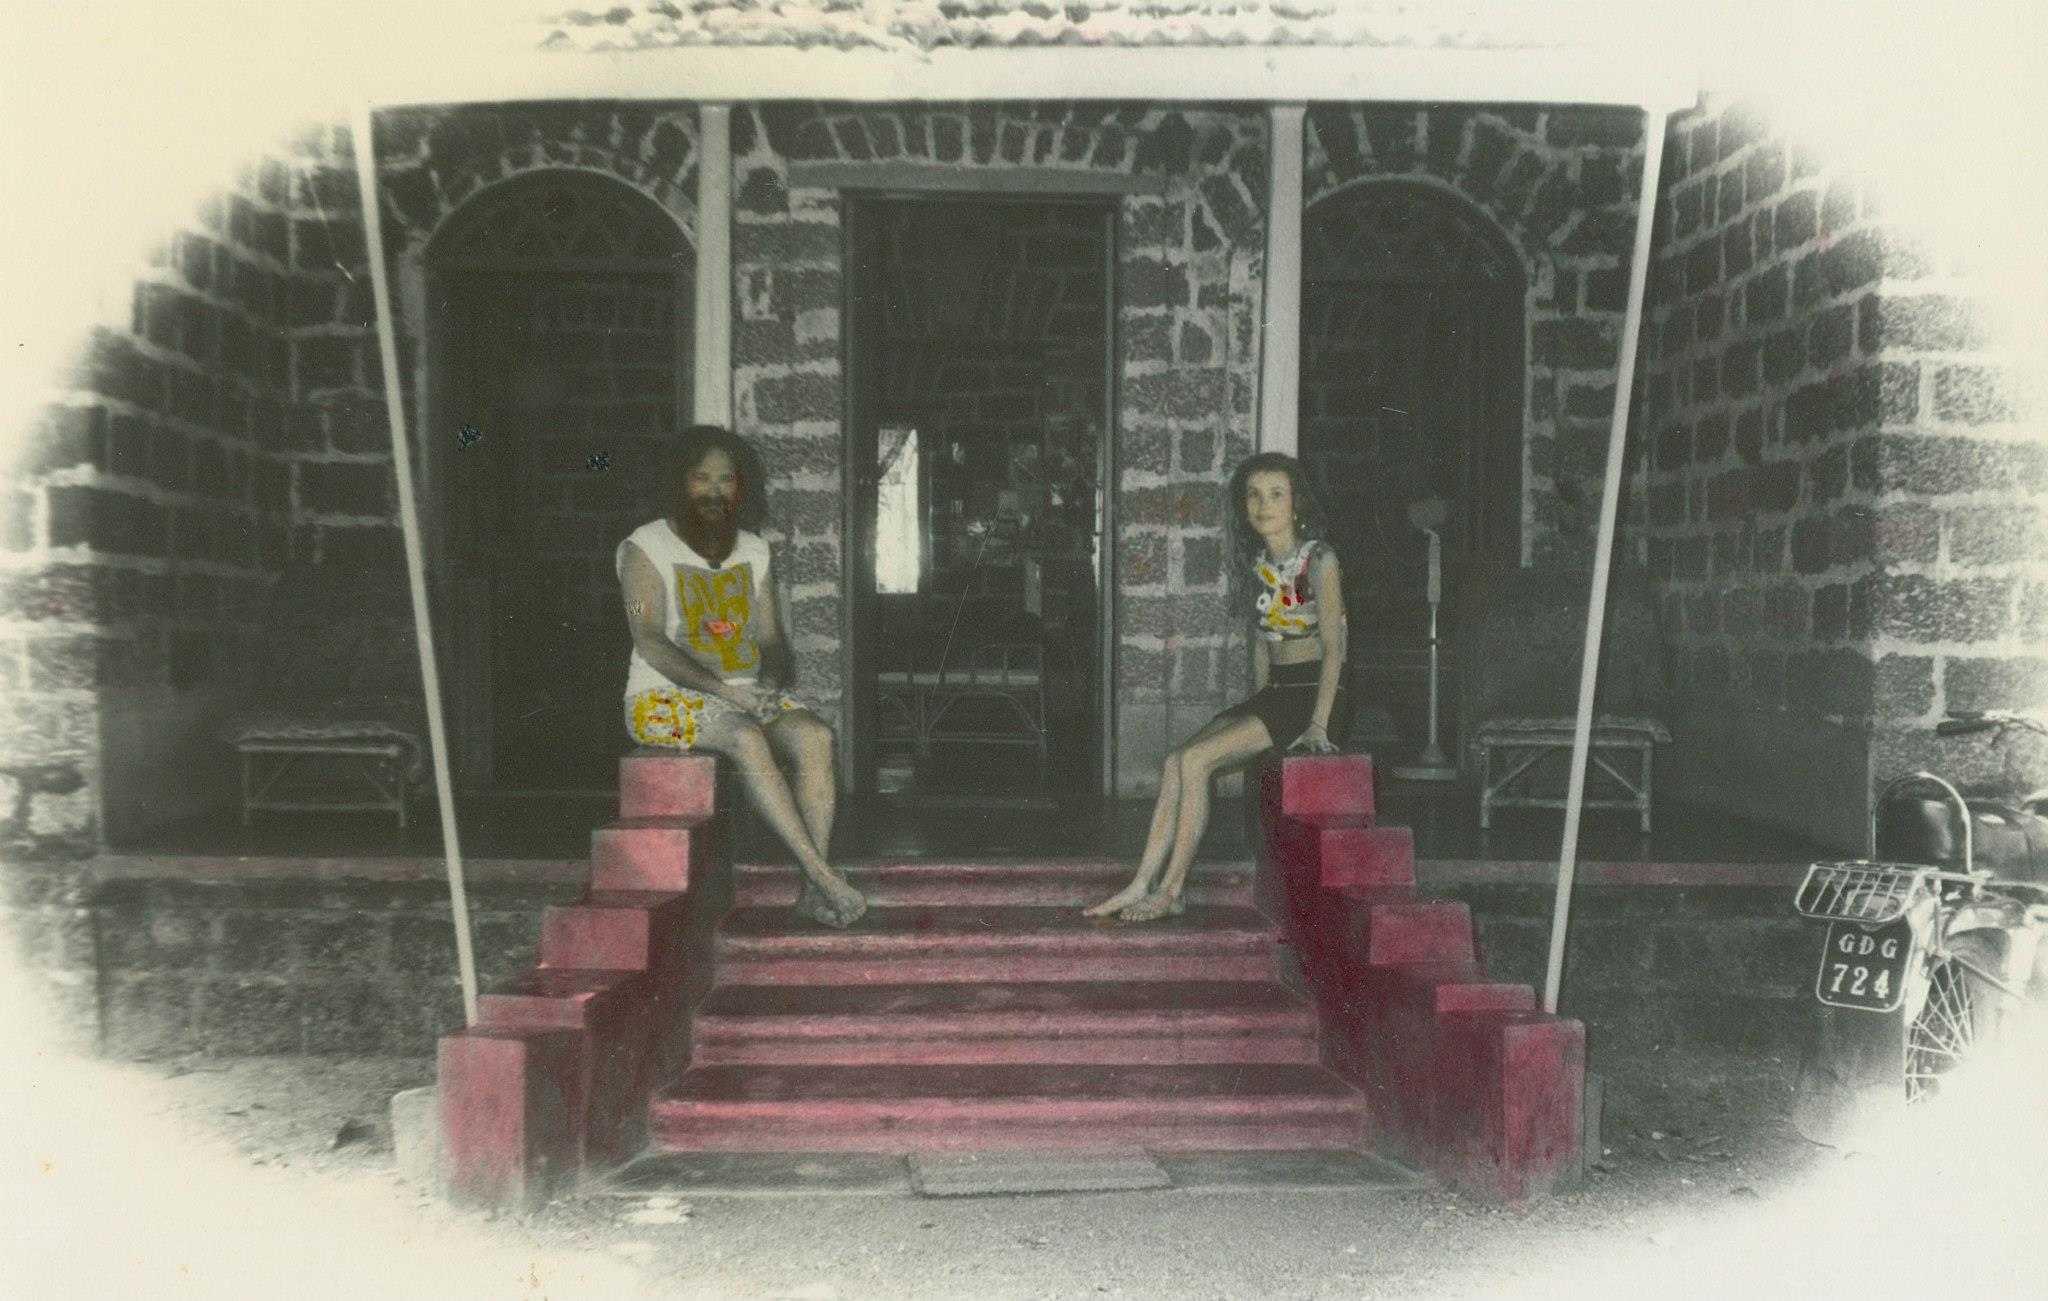 Goa Gil & Arriane in their house in Goa in the early 1970s (Photo by Goa Gil).